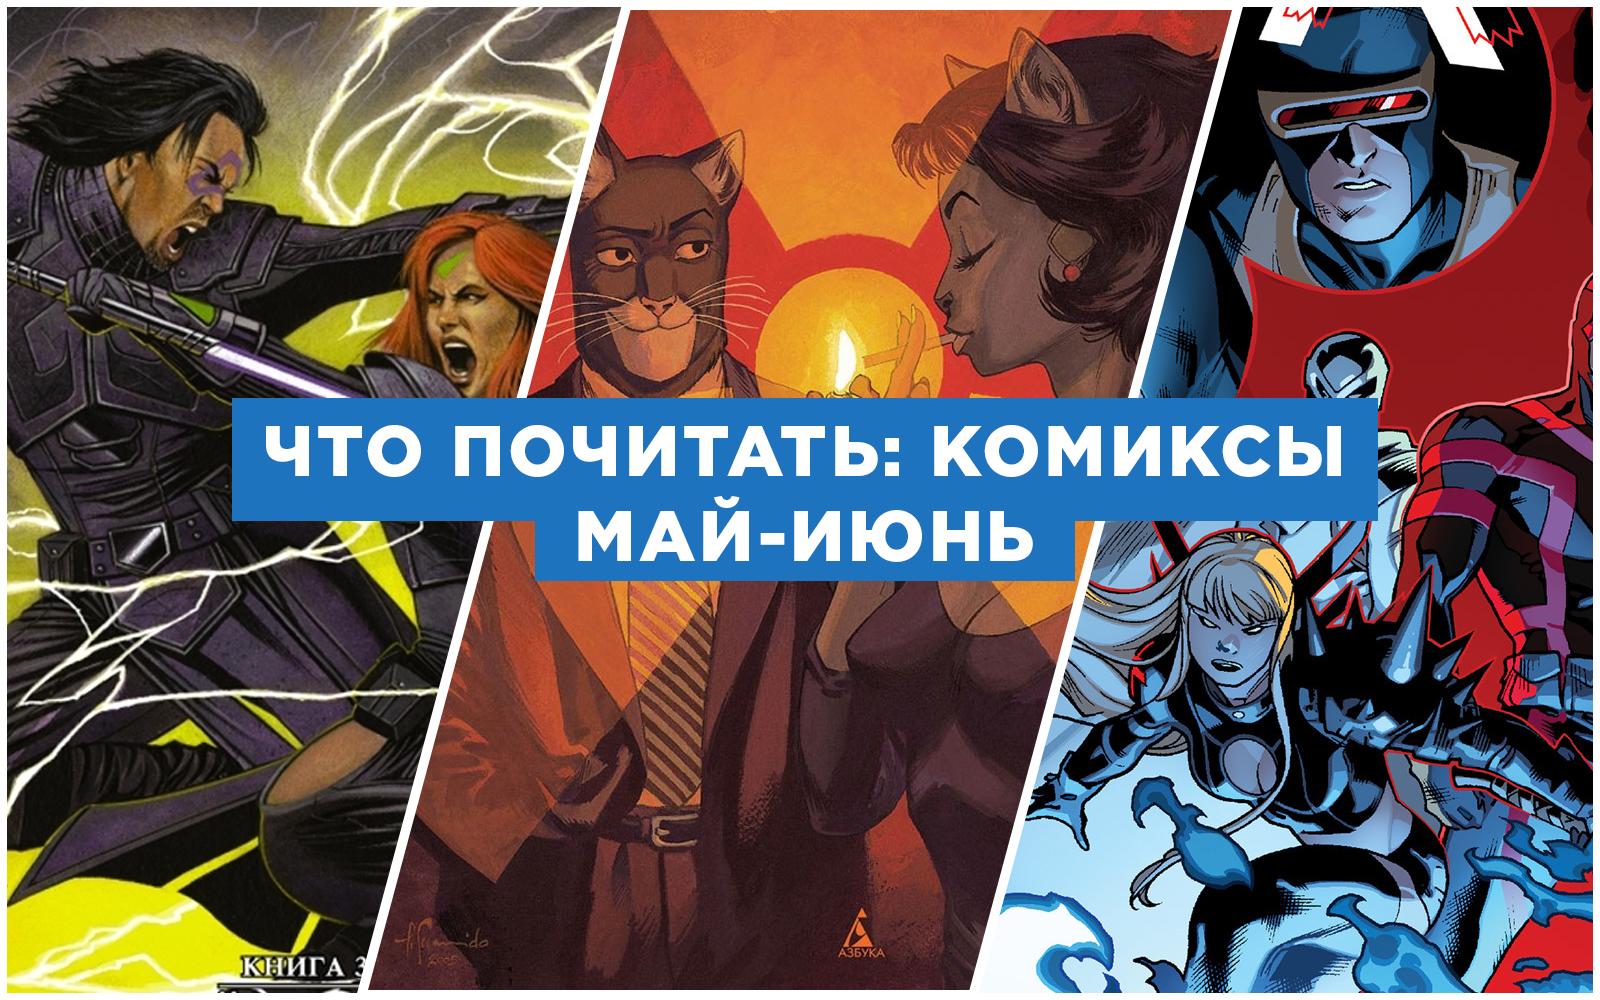 Что почитать: лучшие комиксы мая-июня